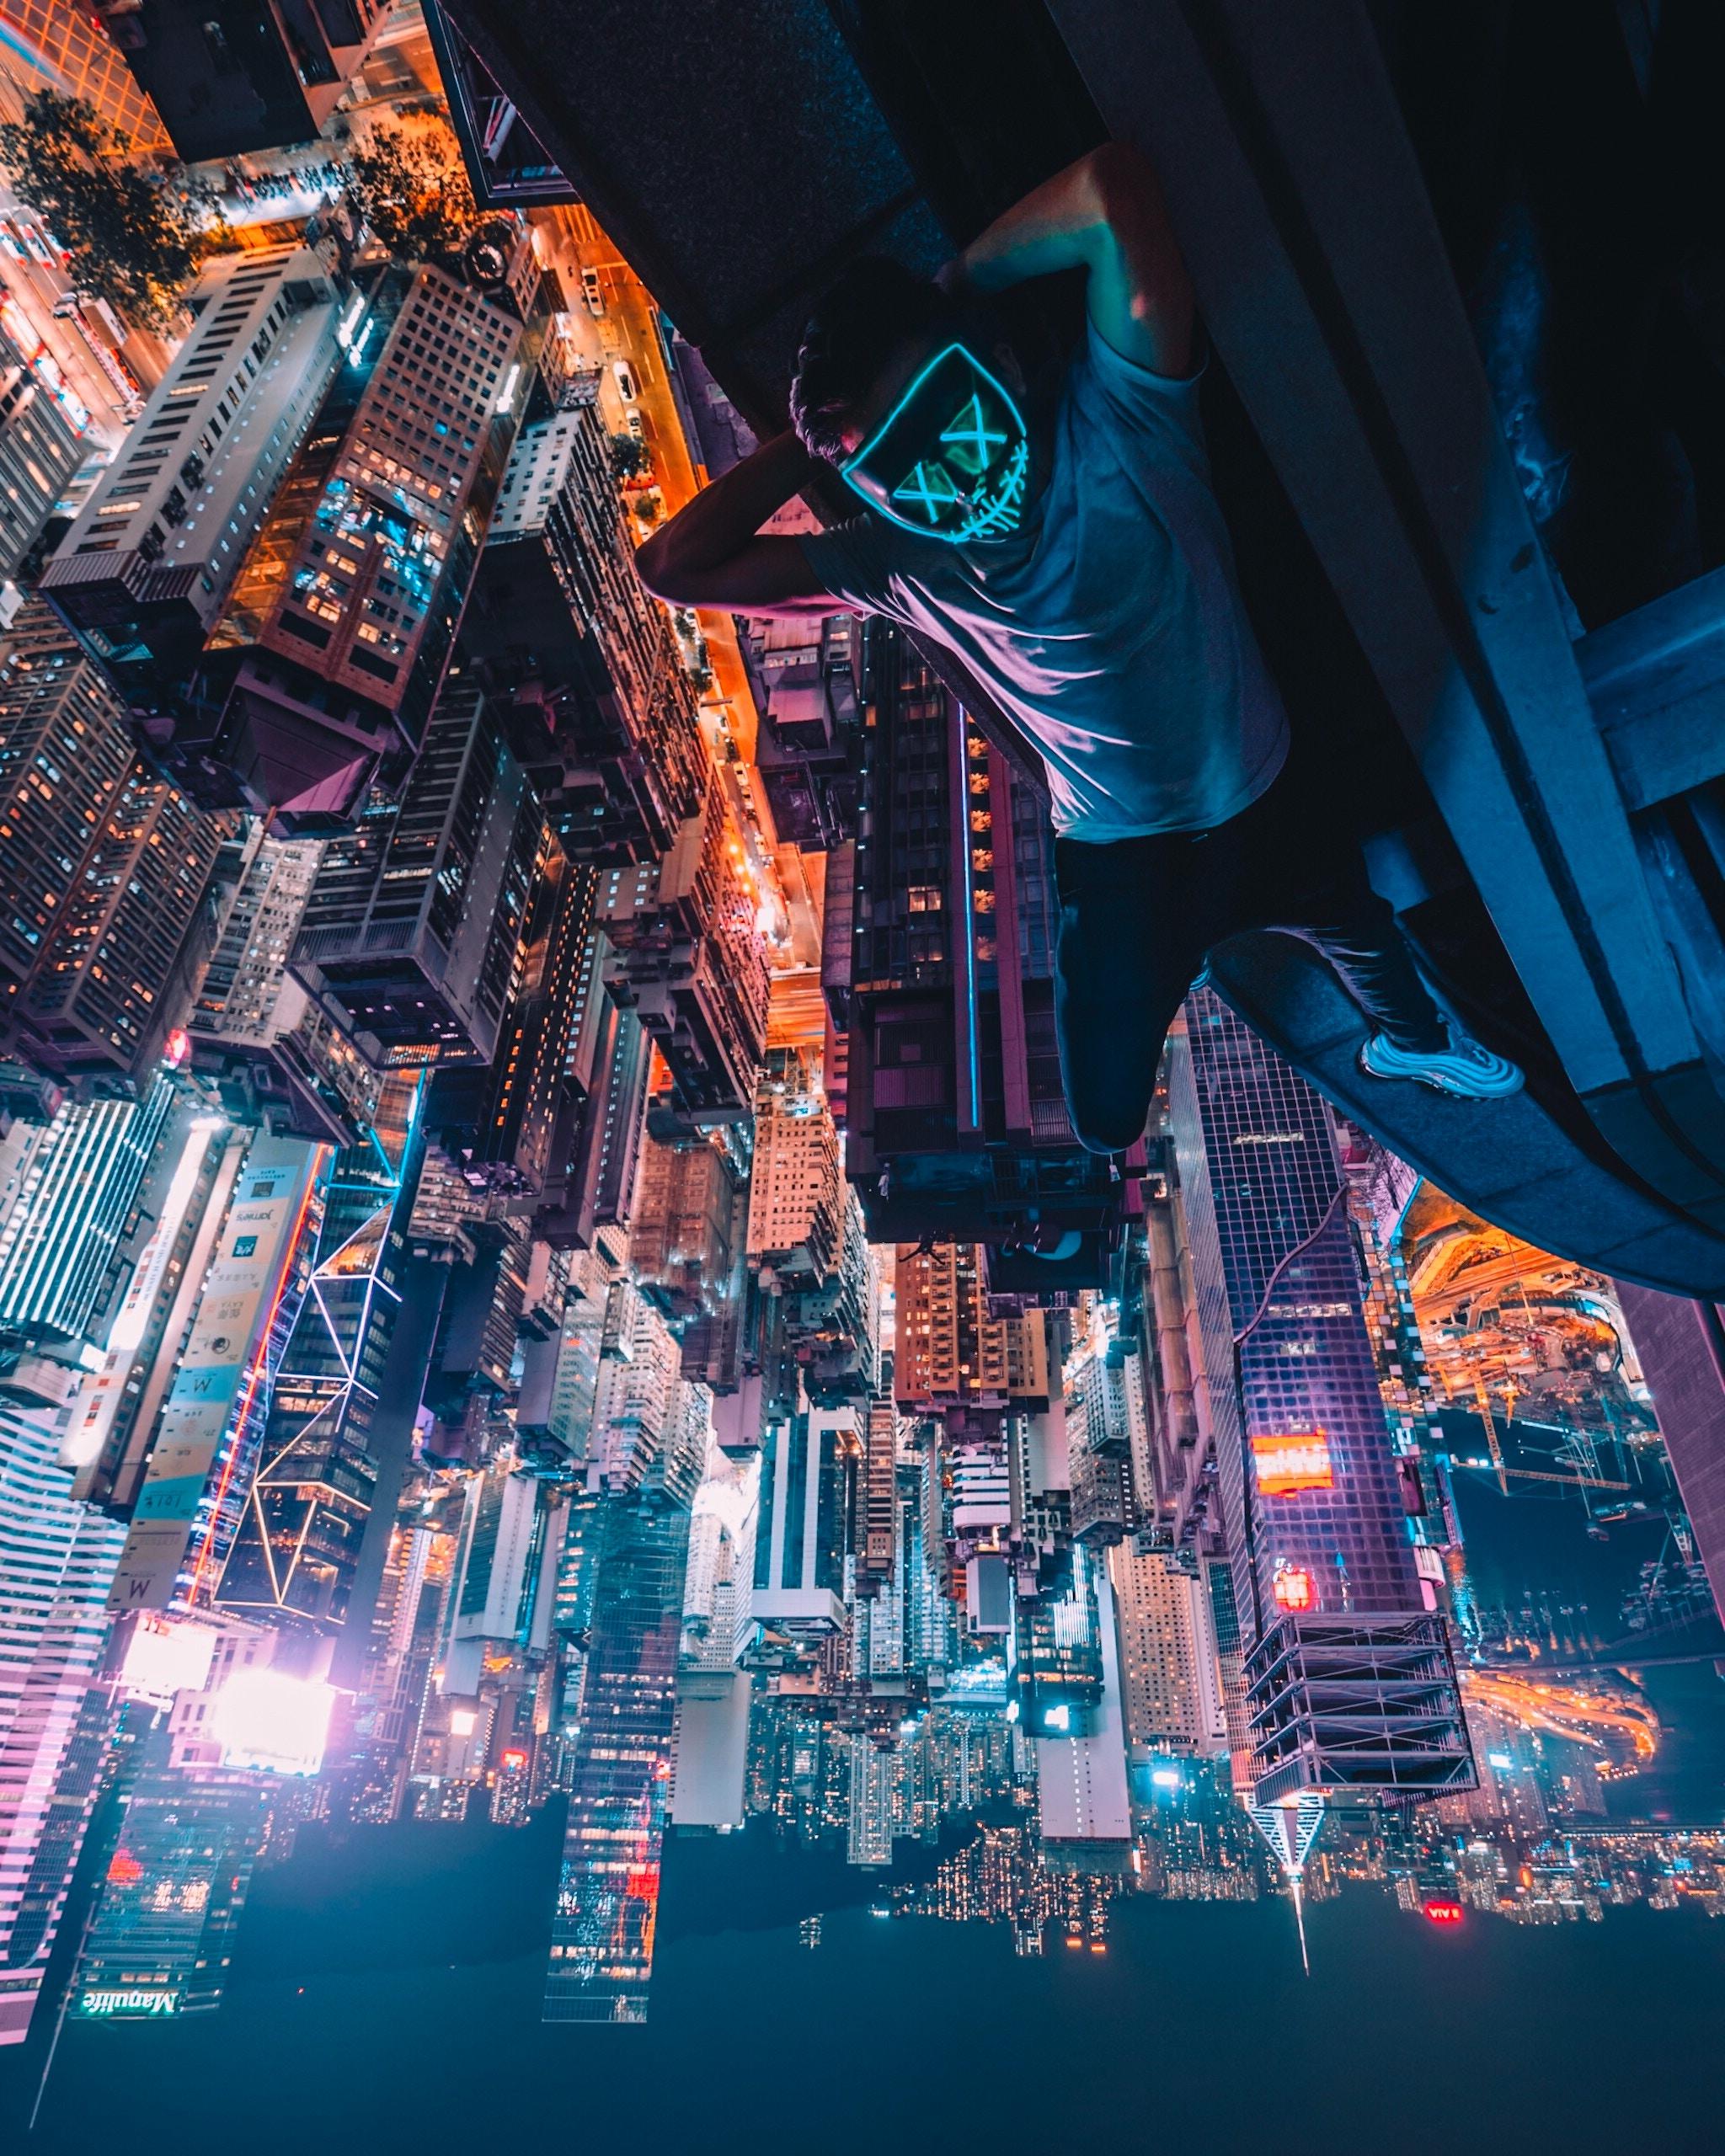 배경 화면 : Simon Zhu, 홍콩, 마스크, 네온, 옥상, 마천루, 도시의, 건축물, 도시 풍경